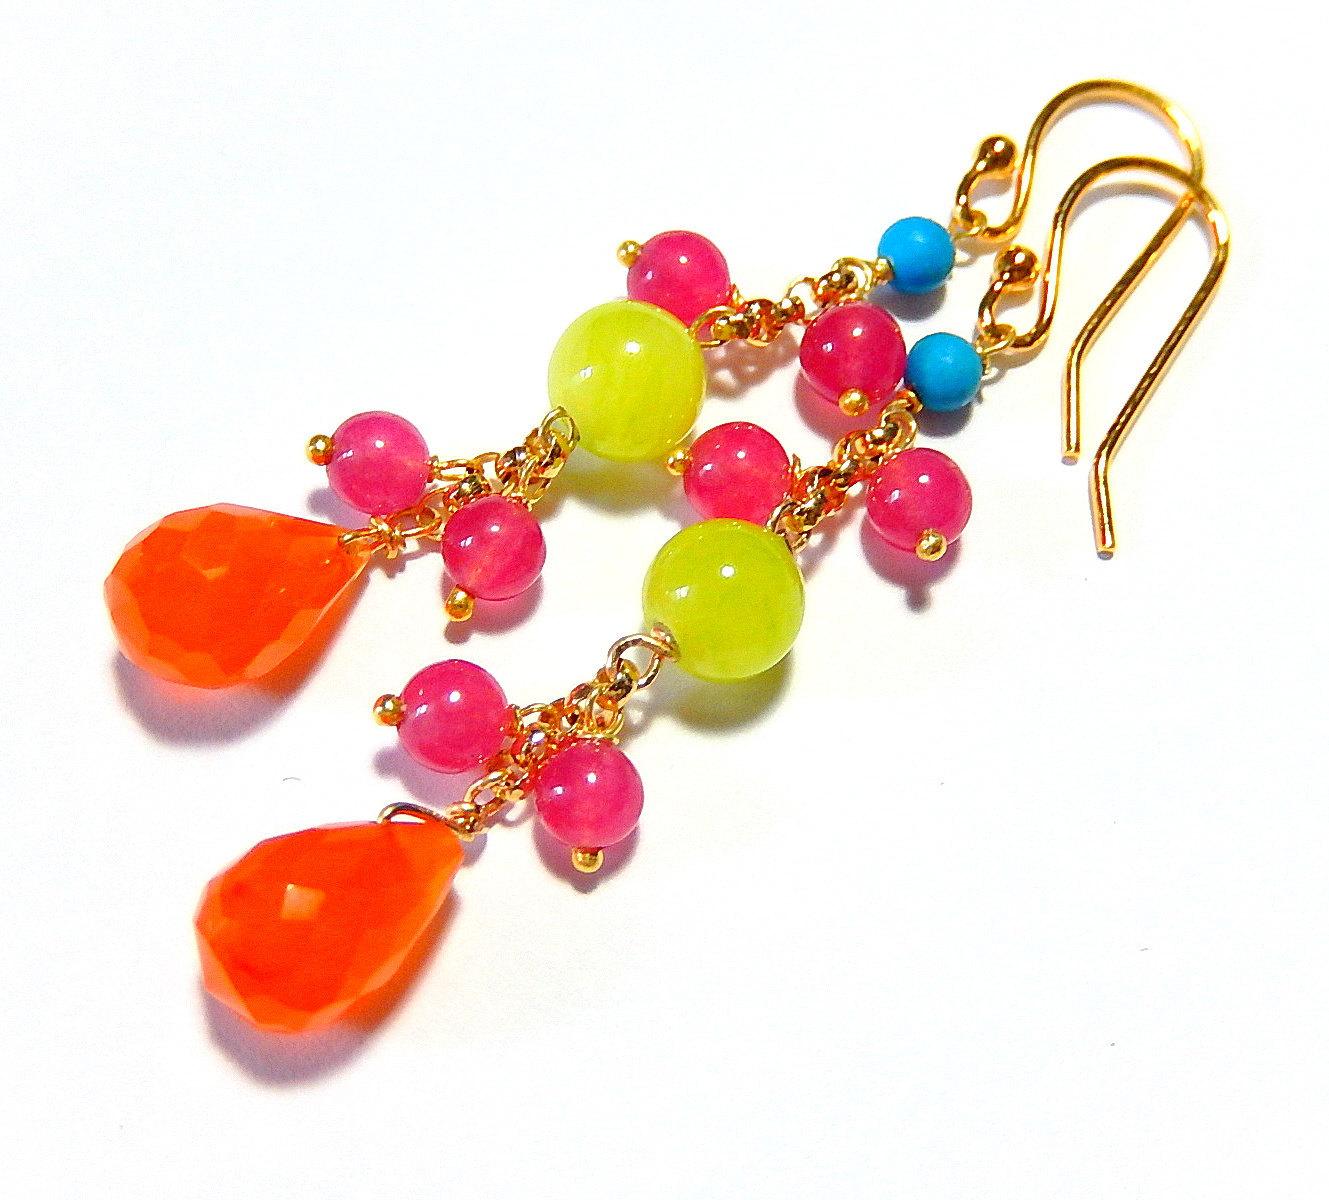 Neon Drop Earrings, Carnelian Teardrops, Hot Pink, Orange Colorful Gold Jewelry - $32.00